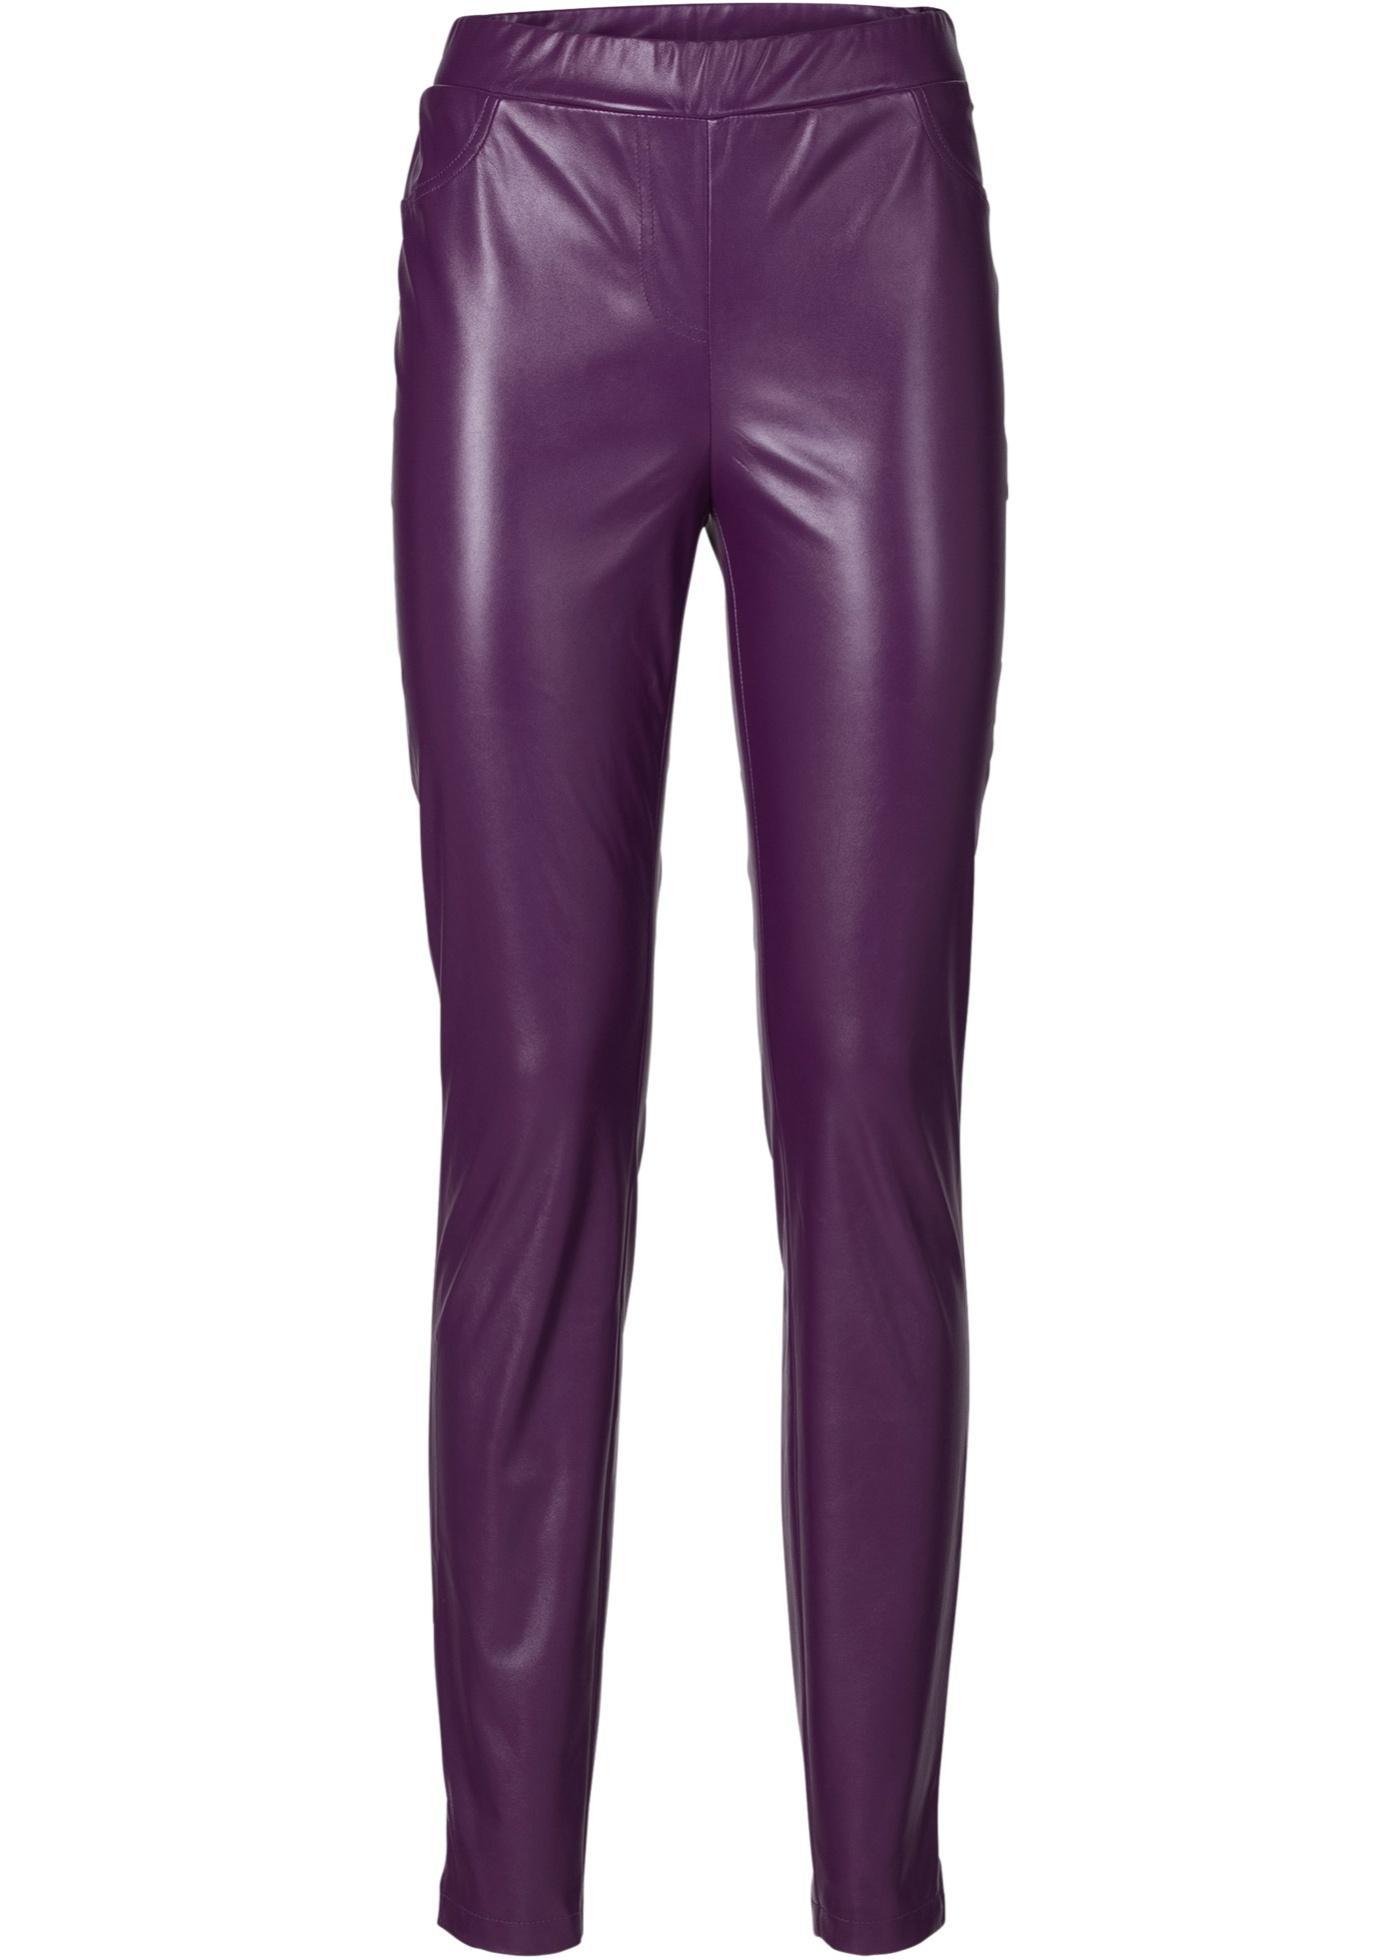 Pantalon synthétique imitation cuir violet...